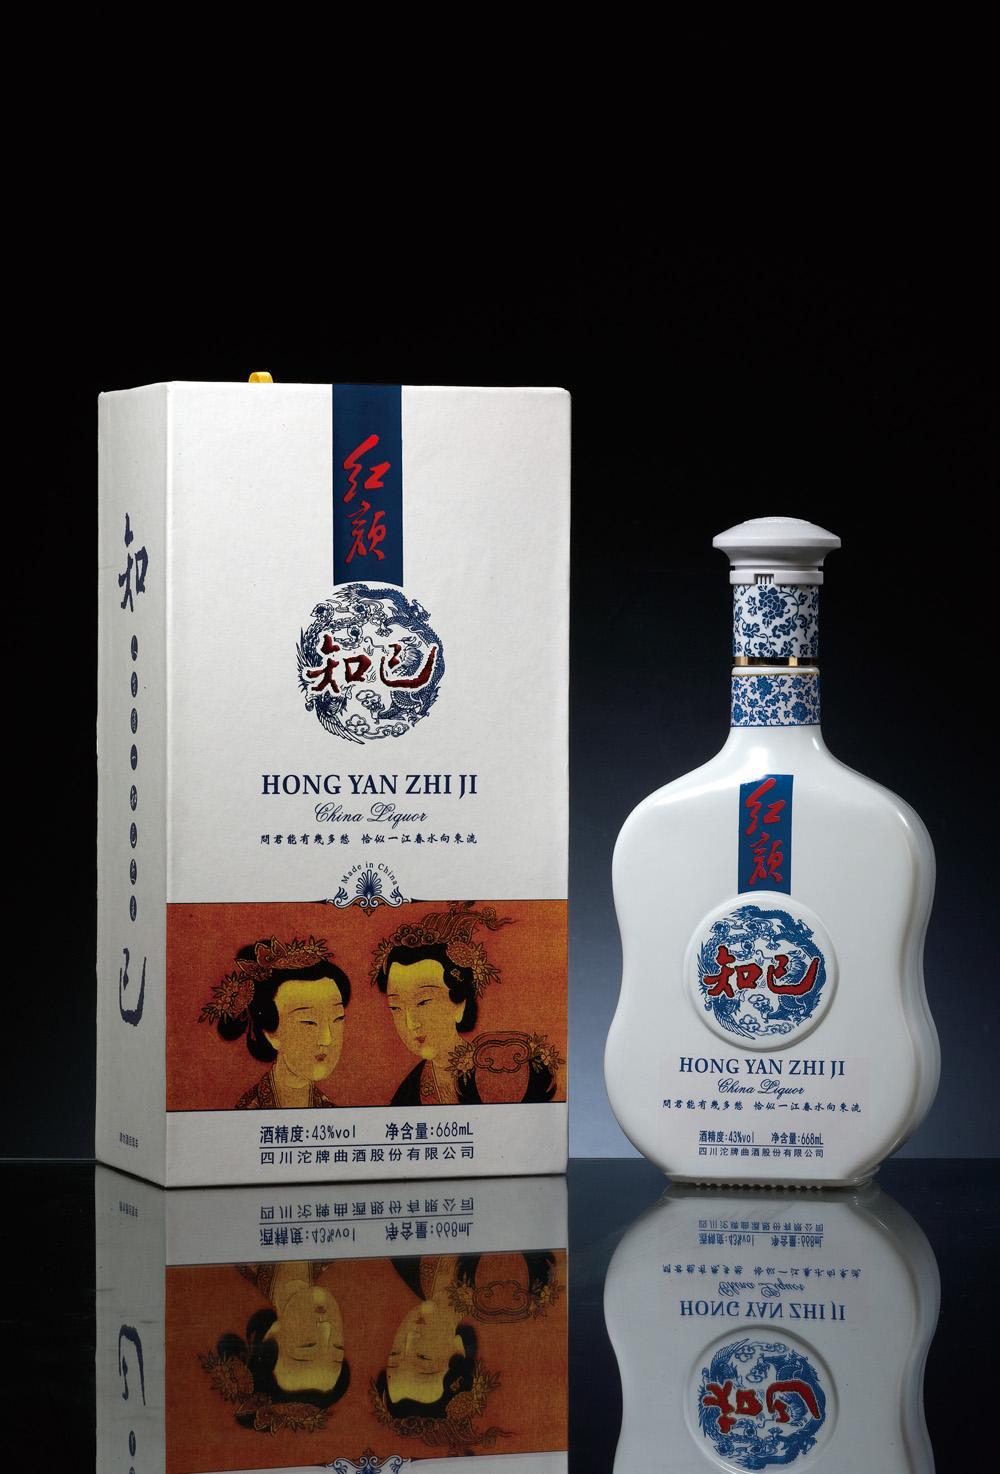 酒包装设计欣赏_红颜系列白酒瓶包装设计展示 - 酒盒包装_酒盒包装设计 - www.bz-e.com